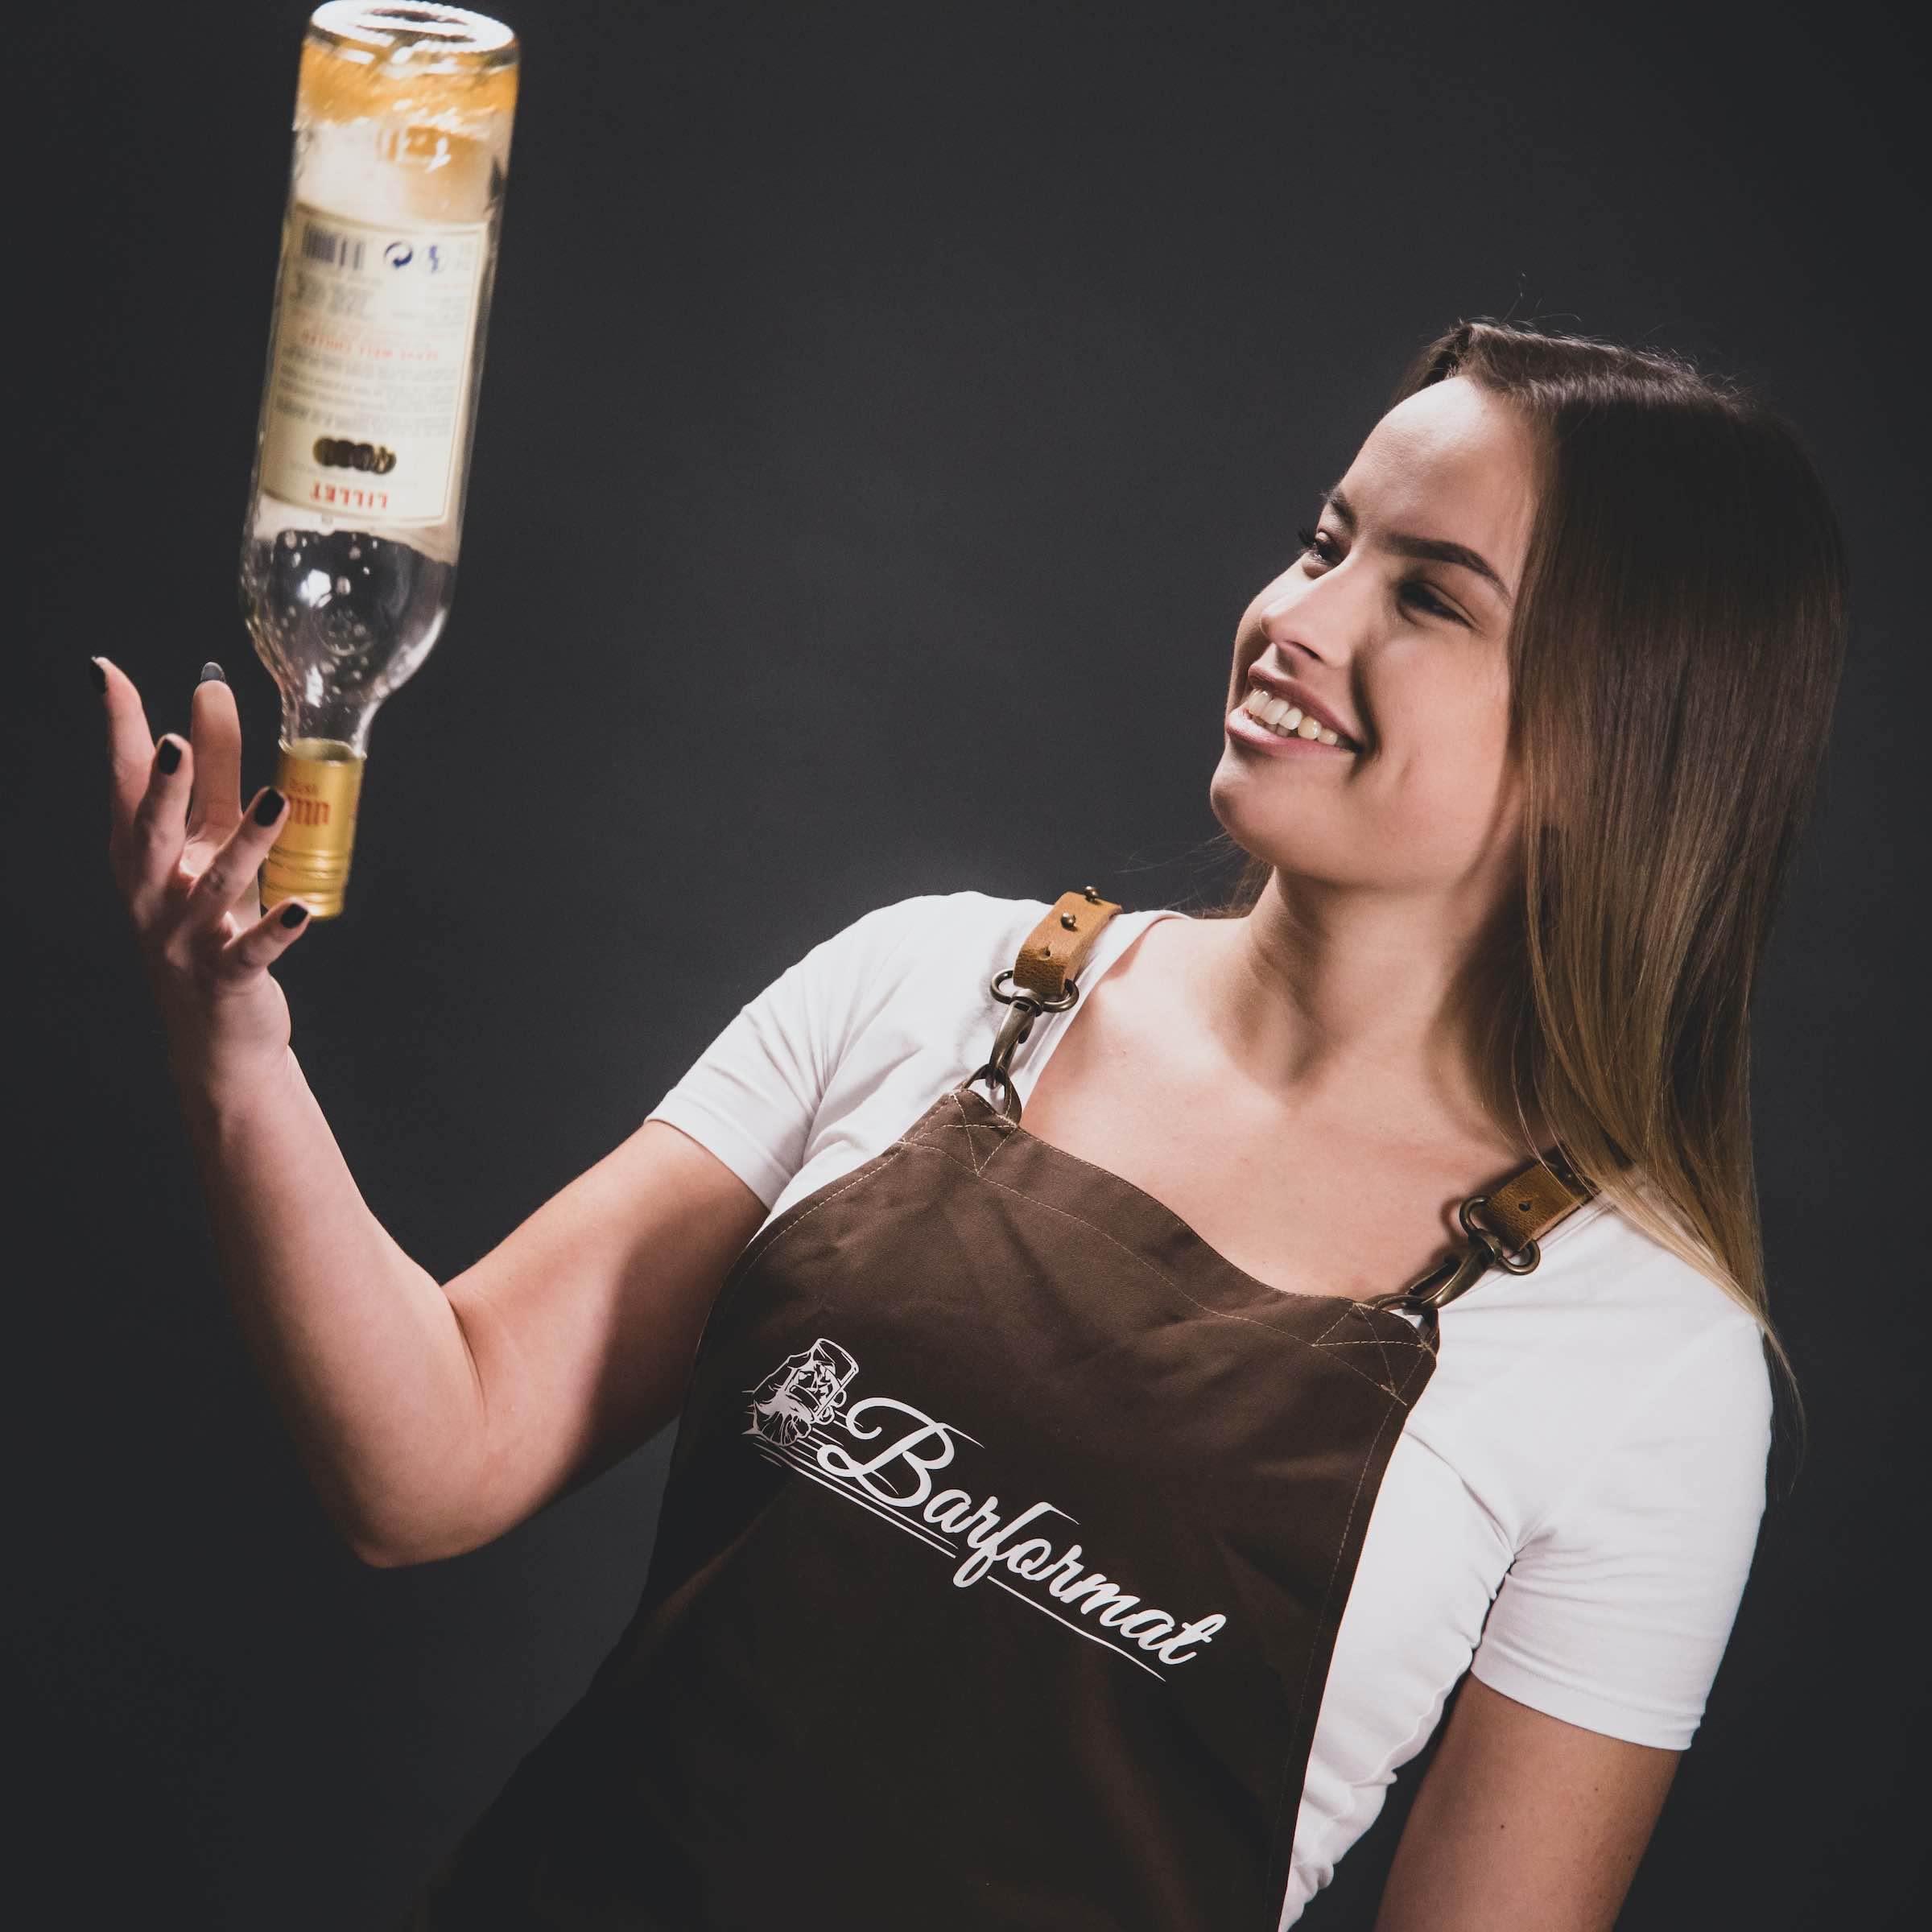 Mobile | Cocktailbar | Hamburg | Hochzeit | Sektempfang | Barkeeper | Mieten | Geburtstag | Ape | VW | Bar | Foodtruck | Getränke | Catering | Ginbar | Weinbar | Sektbar | Kaffeebar | Hamburgfeiert